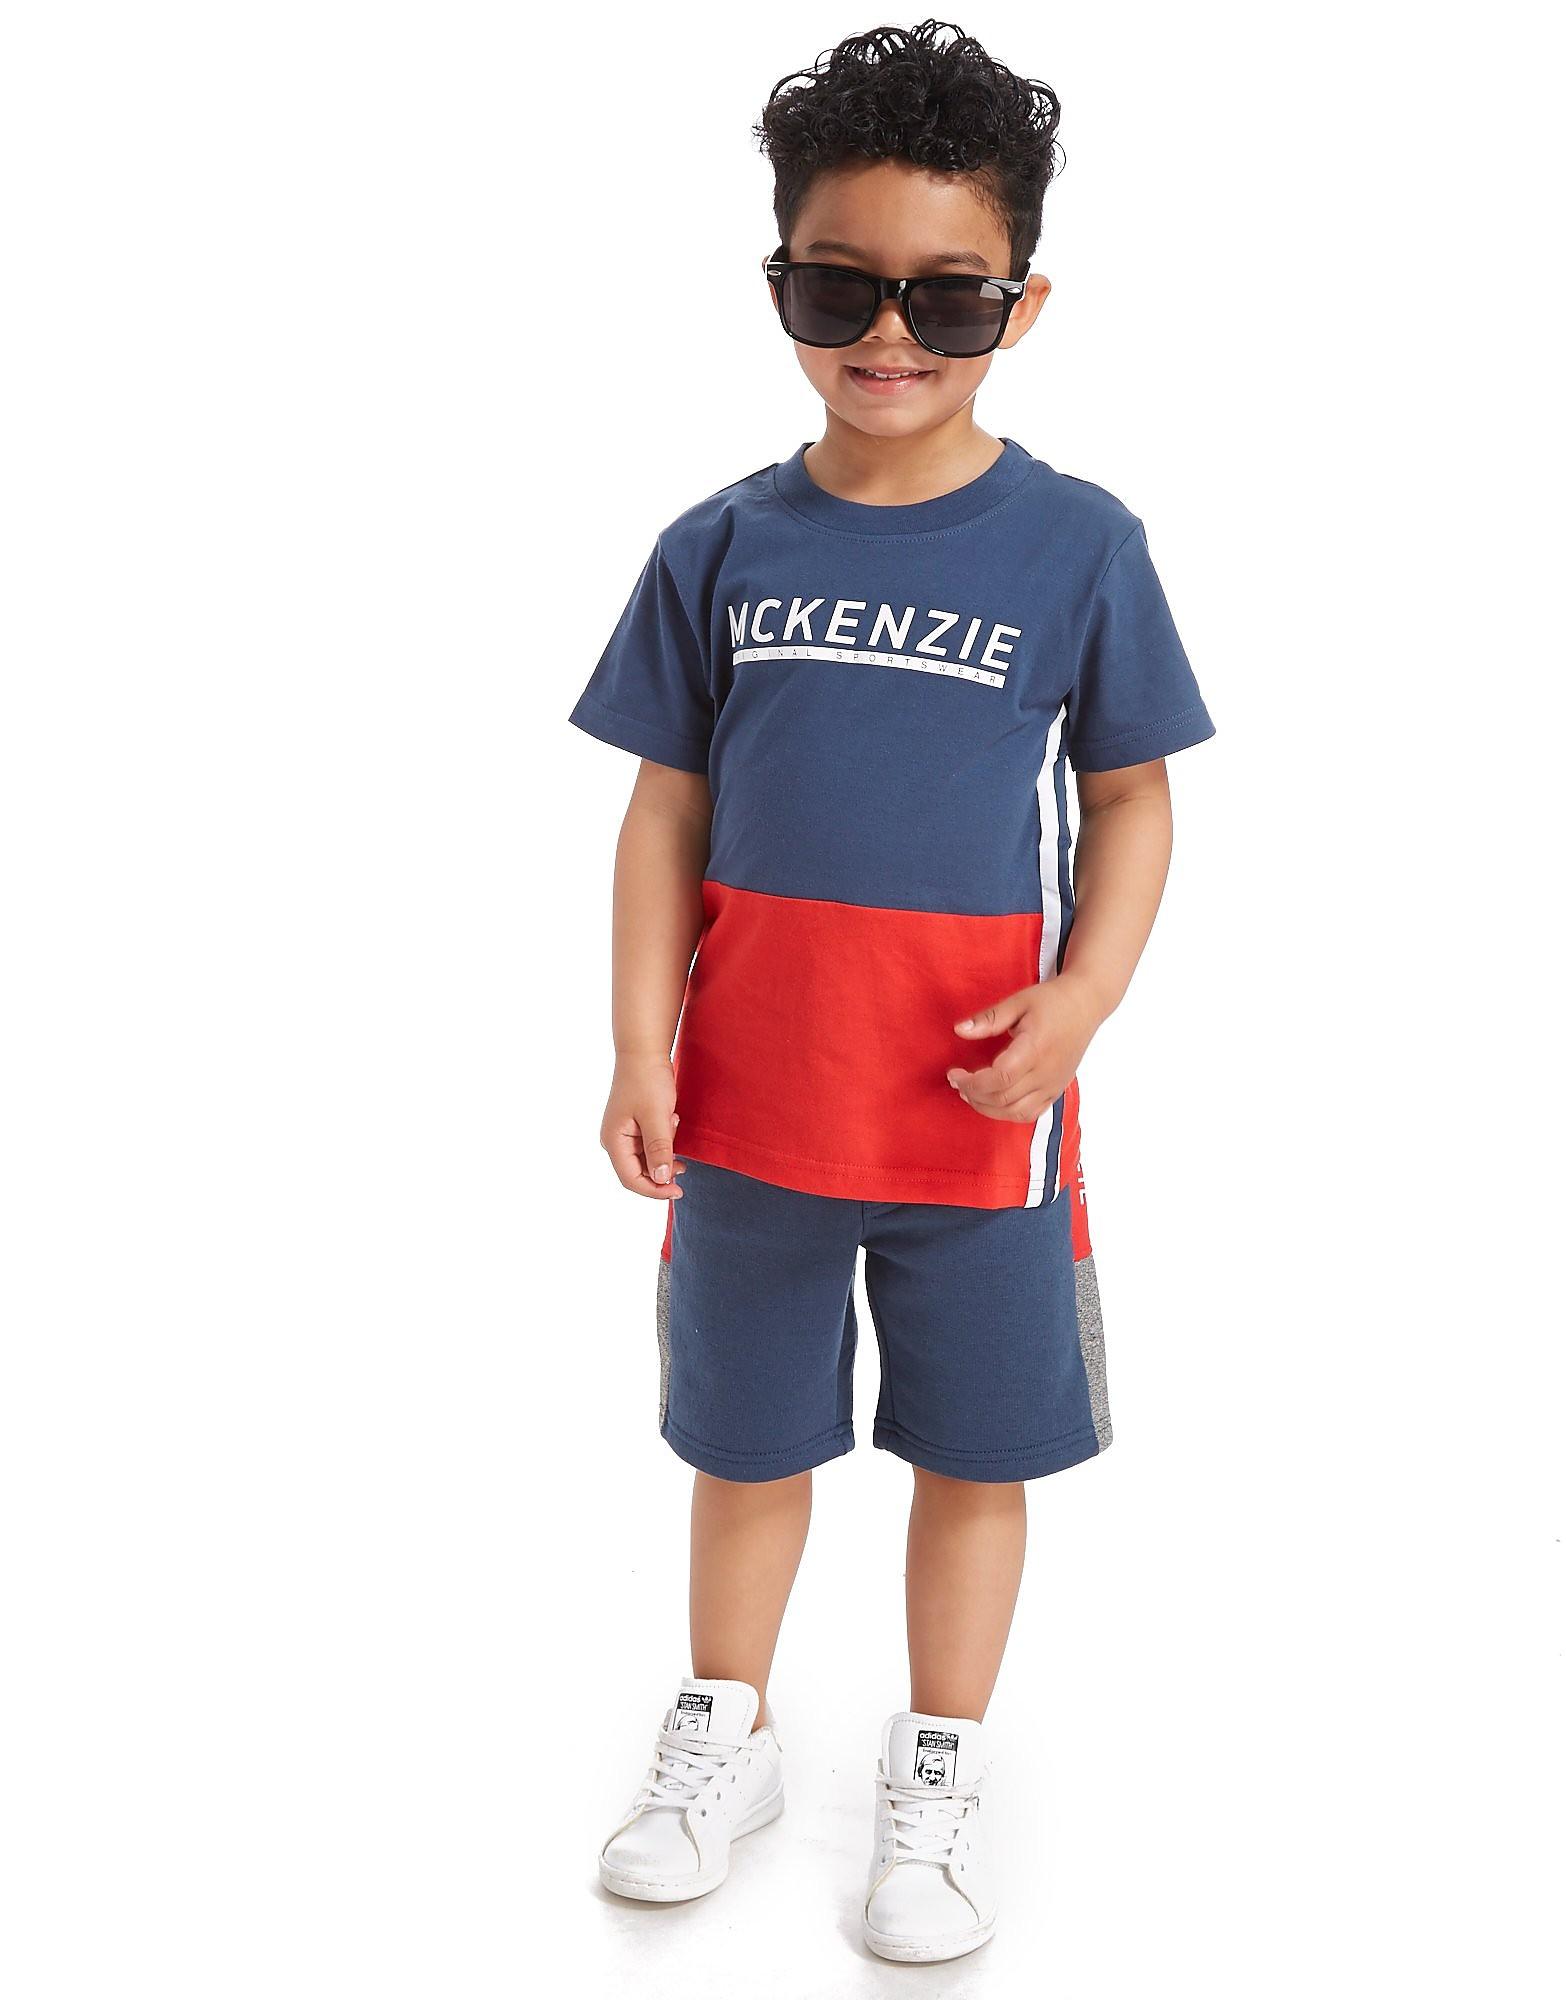 McKenzie Sterling T-Shirt Children